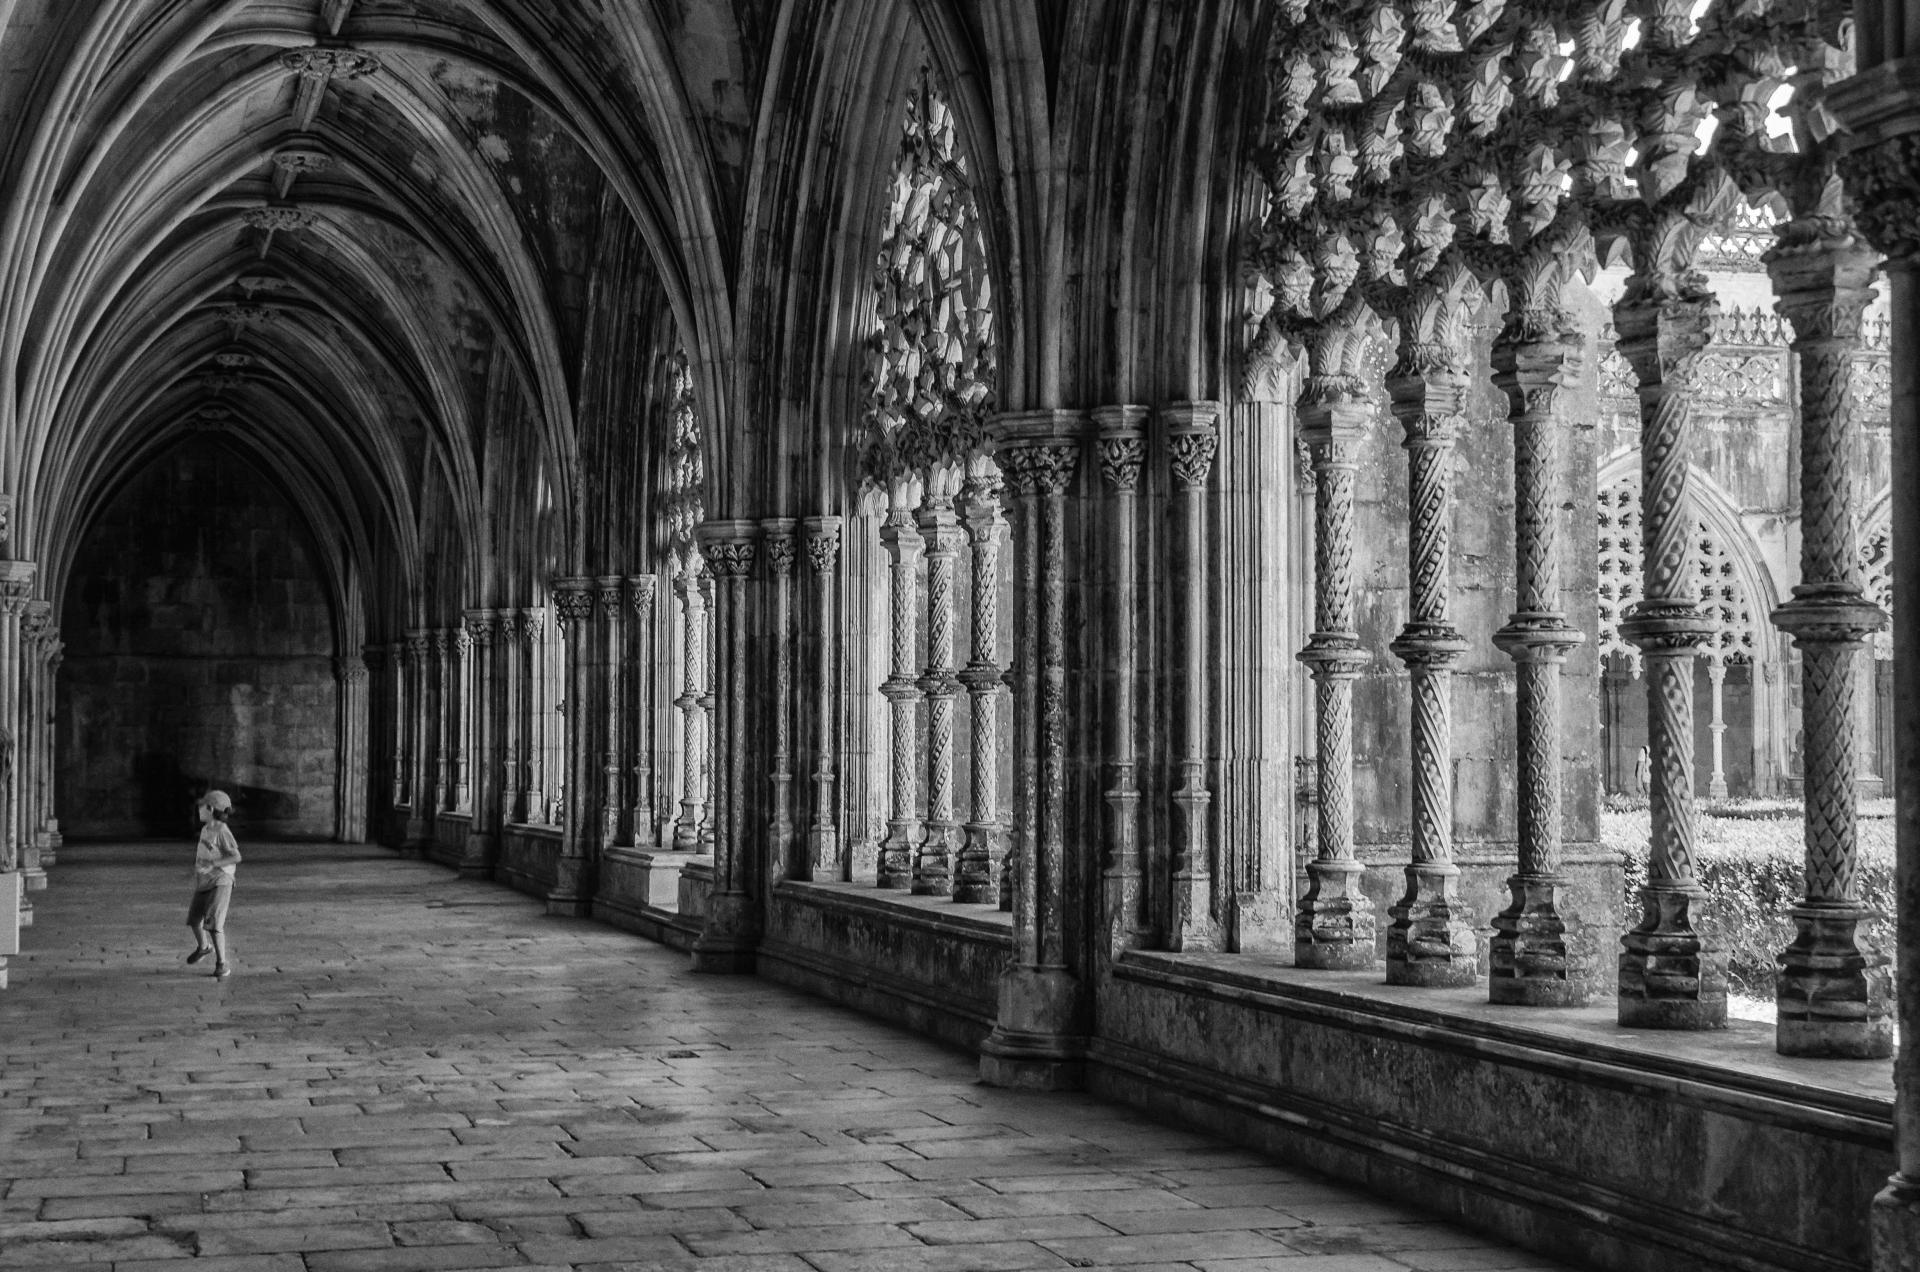 architectuurfotografie-klooster-batalha-portugal